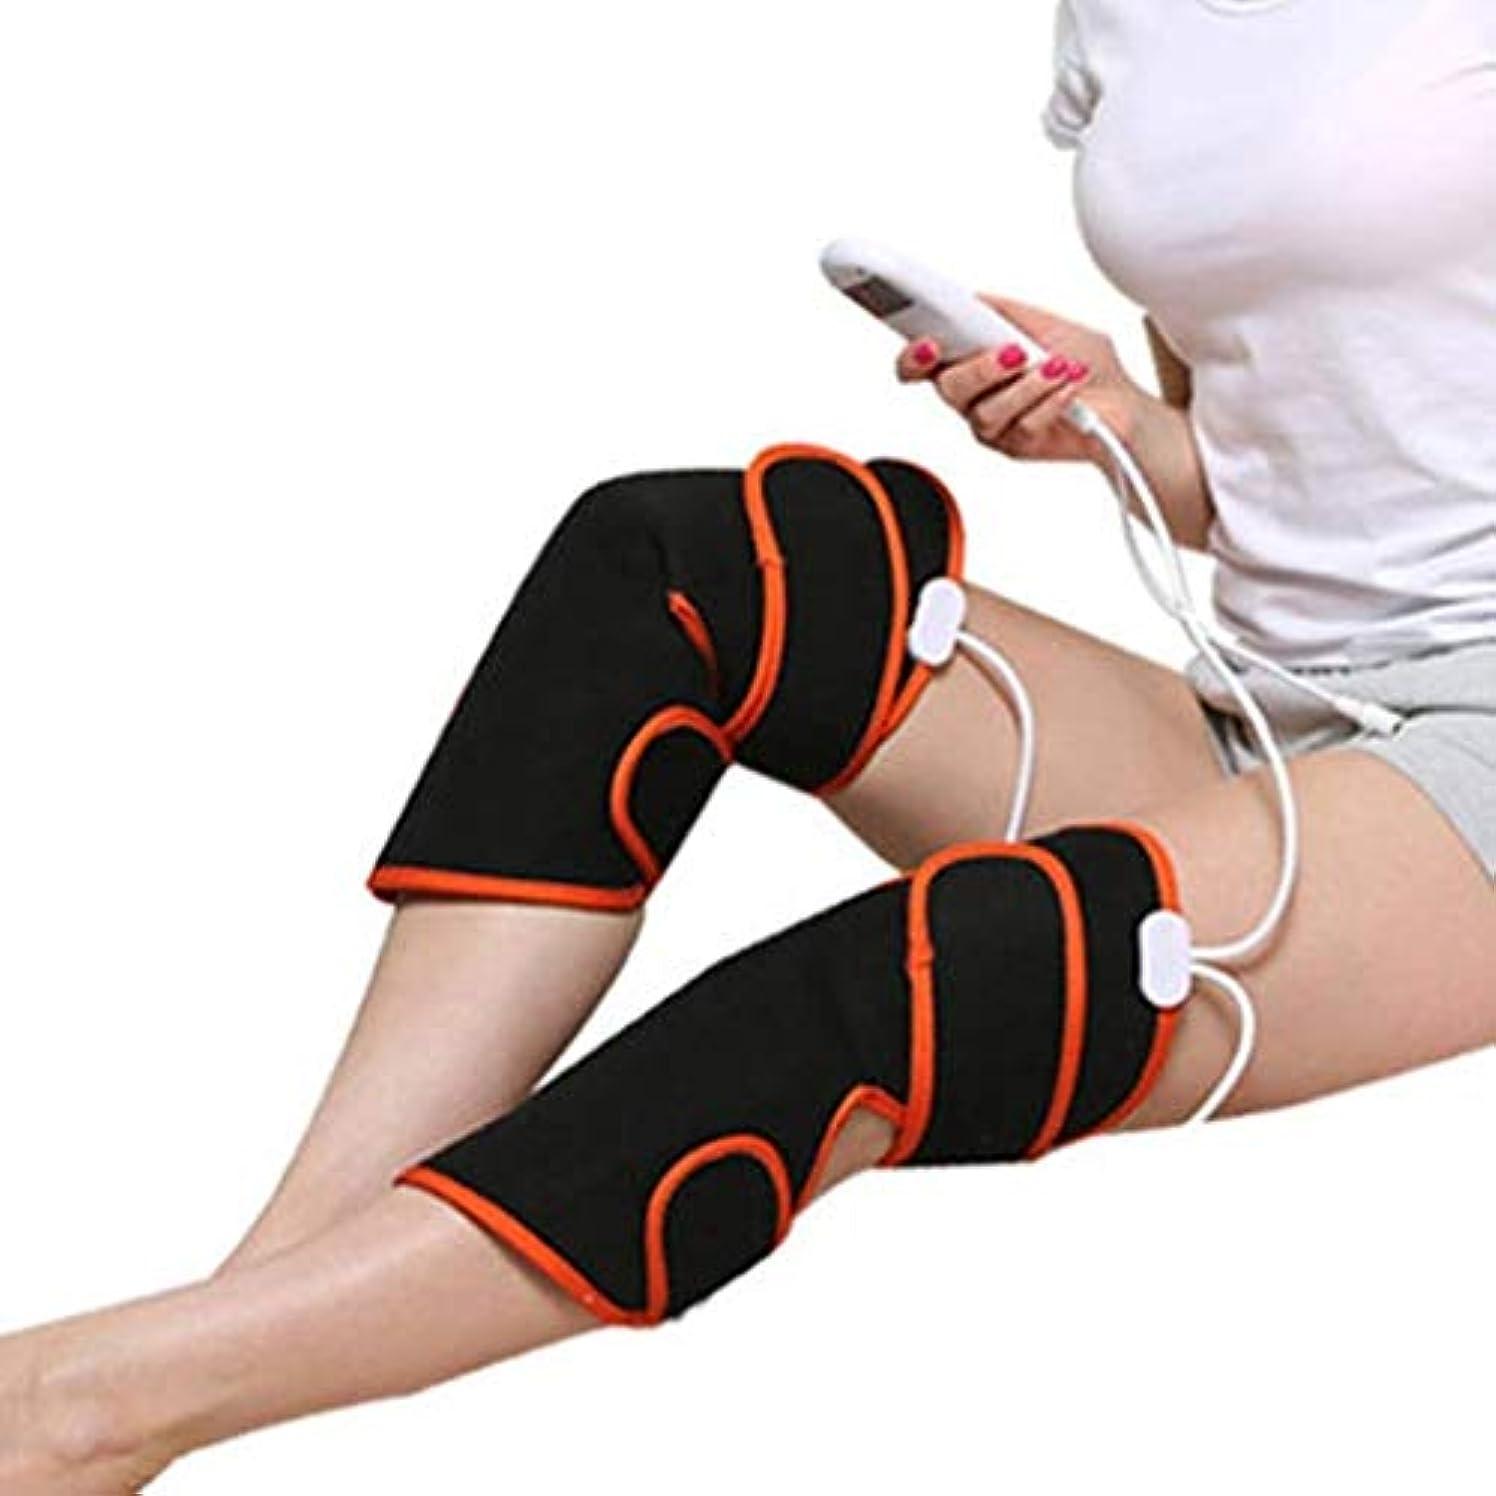 シマウマ解明構成する暖房付き膝マッサージャー、電動バイブレーションマッサージャー、膝マッサージャーを定期的に加熱できます、筋肉の痛みを緩和するモード、9モード、冷たい脚、骨過形成患者、術後リハビリ